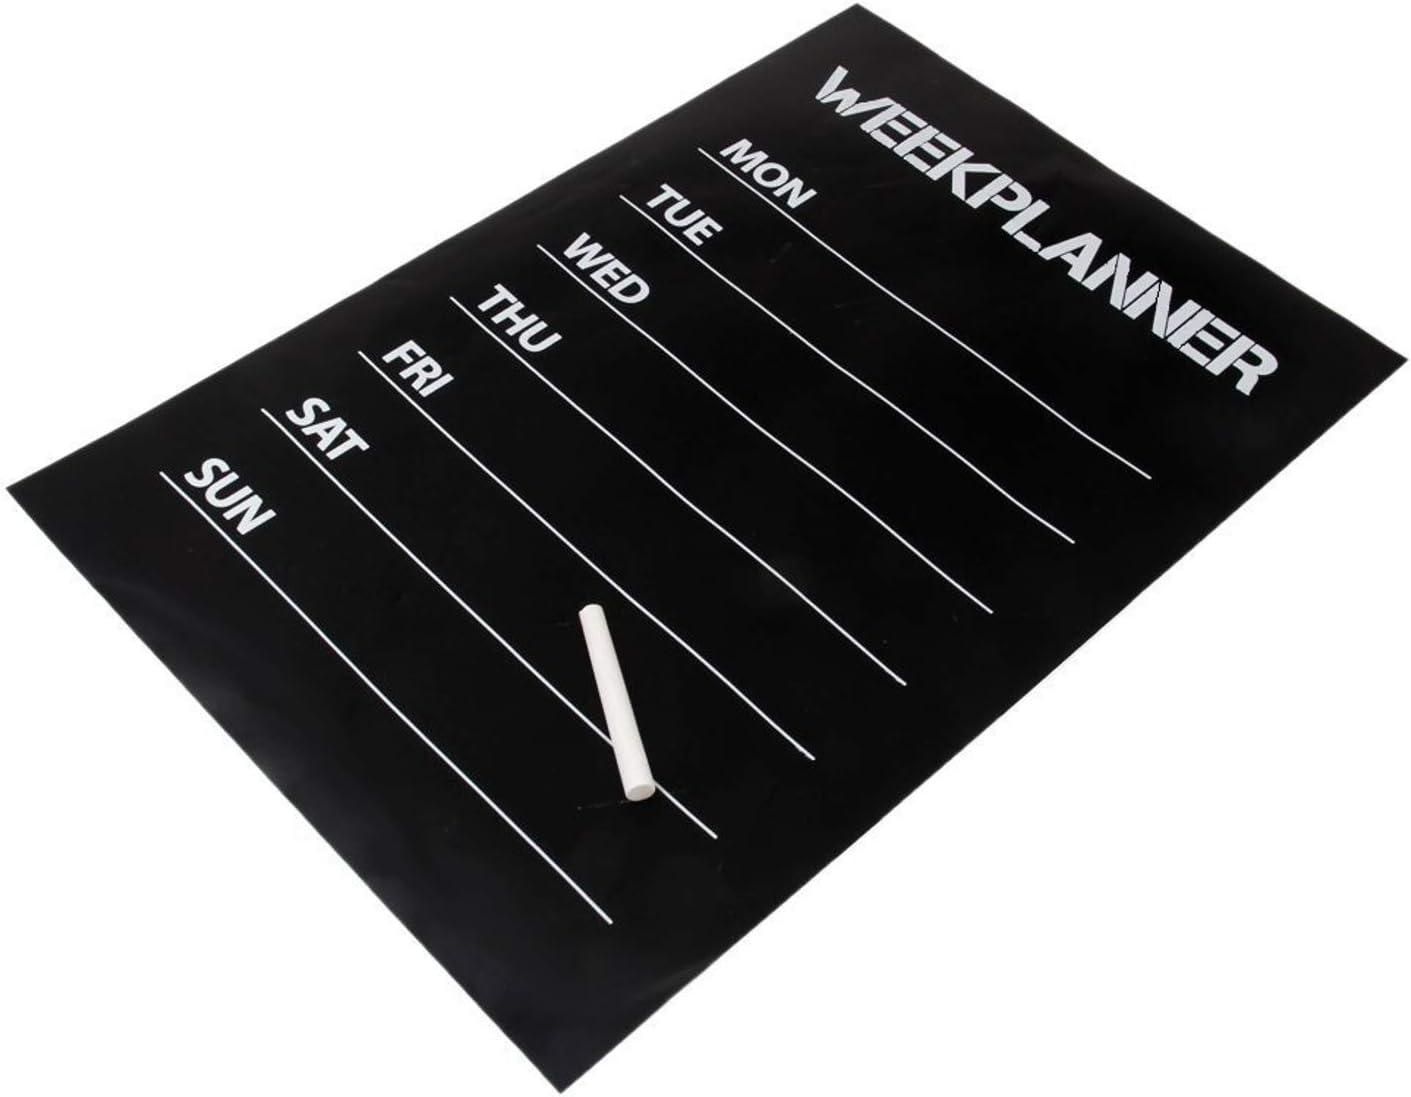 Lavagna pellicola settimane planning adesivo da parete Autoadesivo 35 x 55 cm Colore Nero cretacico pennarelli per scrivere